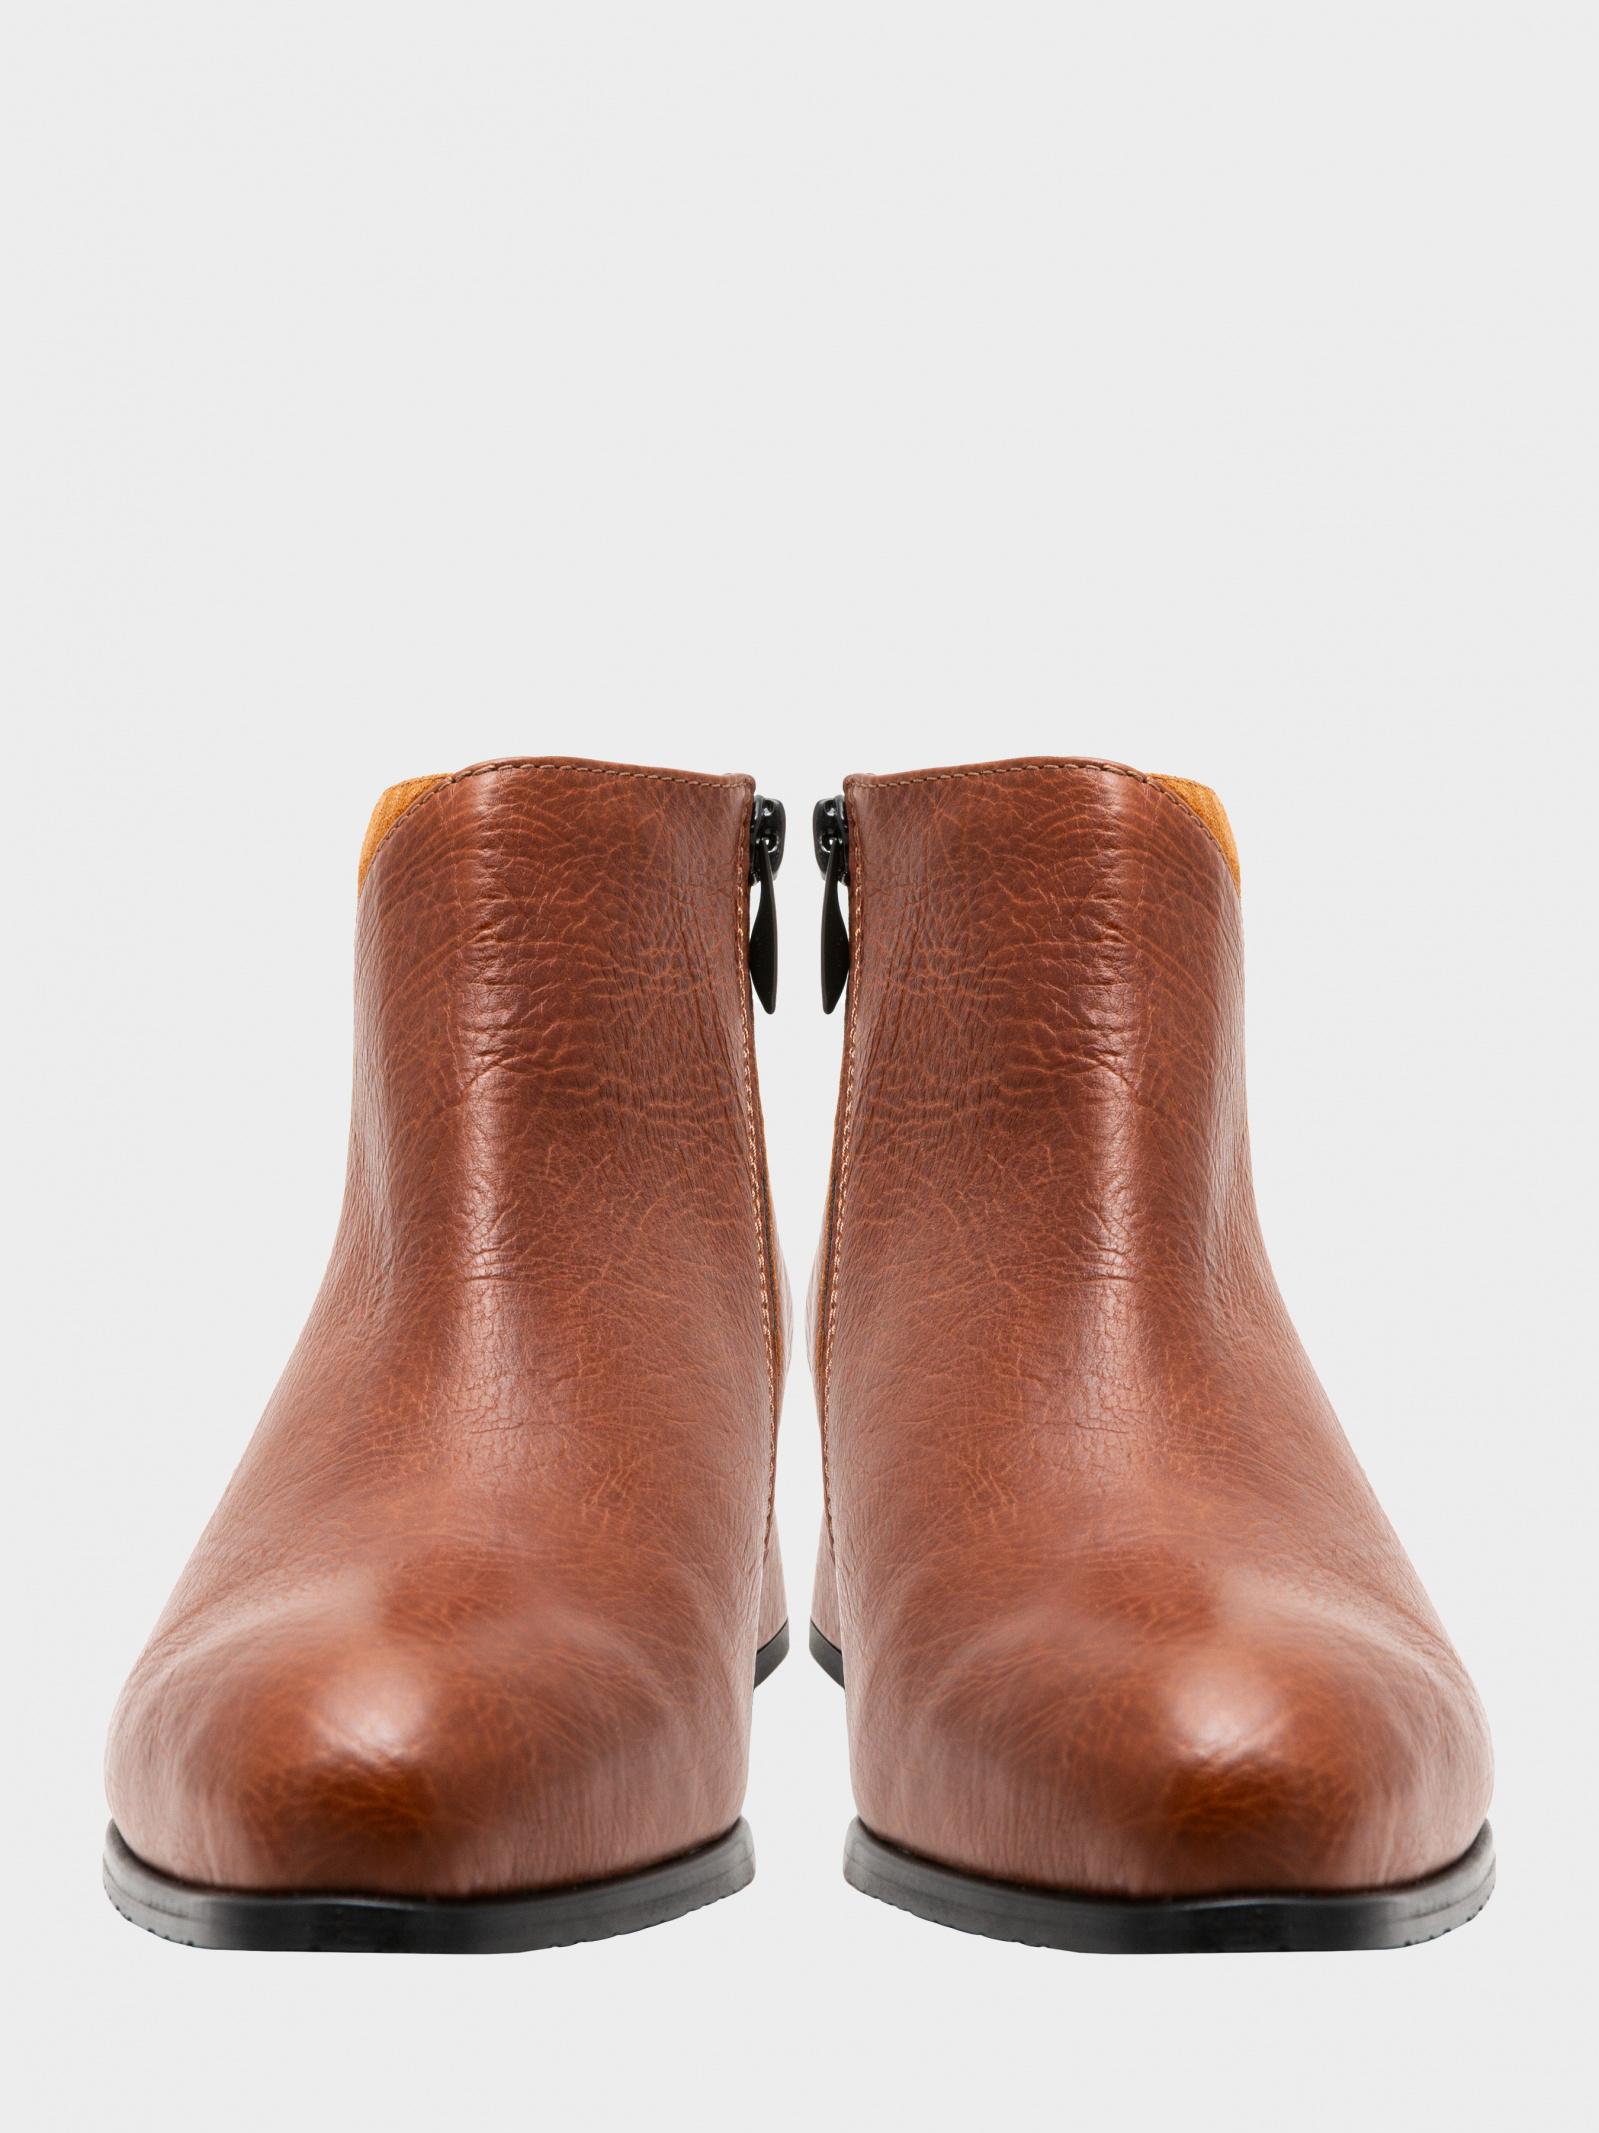 Черевики  для жінок Enzo Verratti 18-10029-4br купити в Iнтертоп, 2017